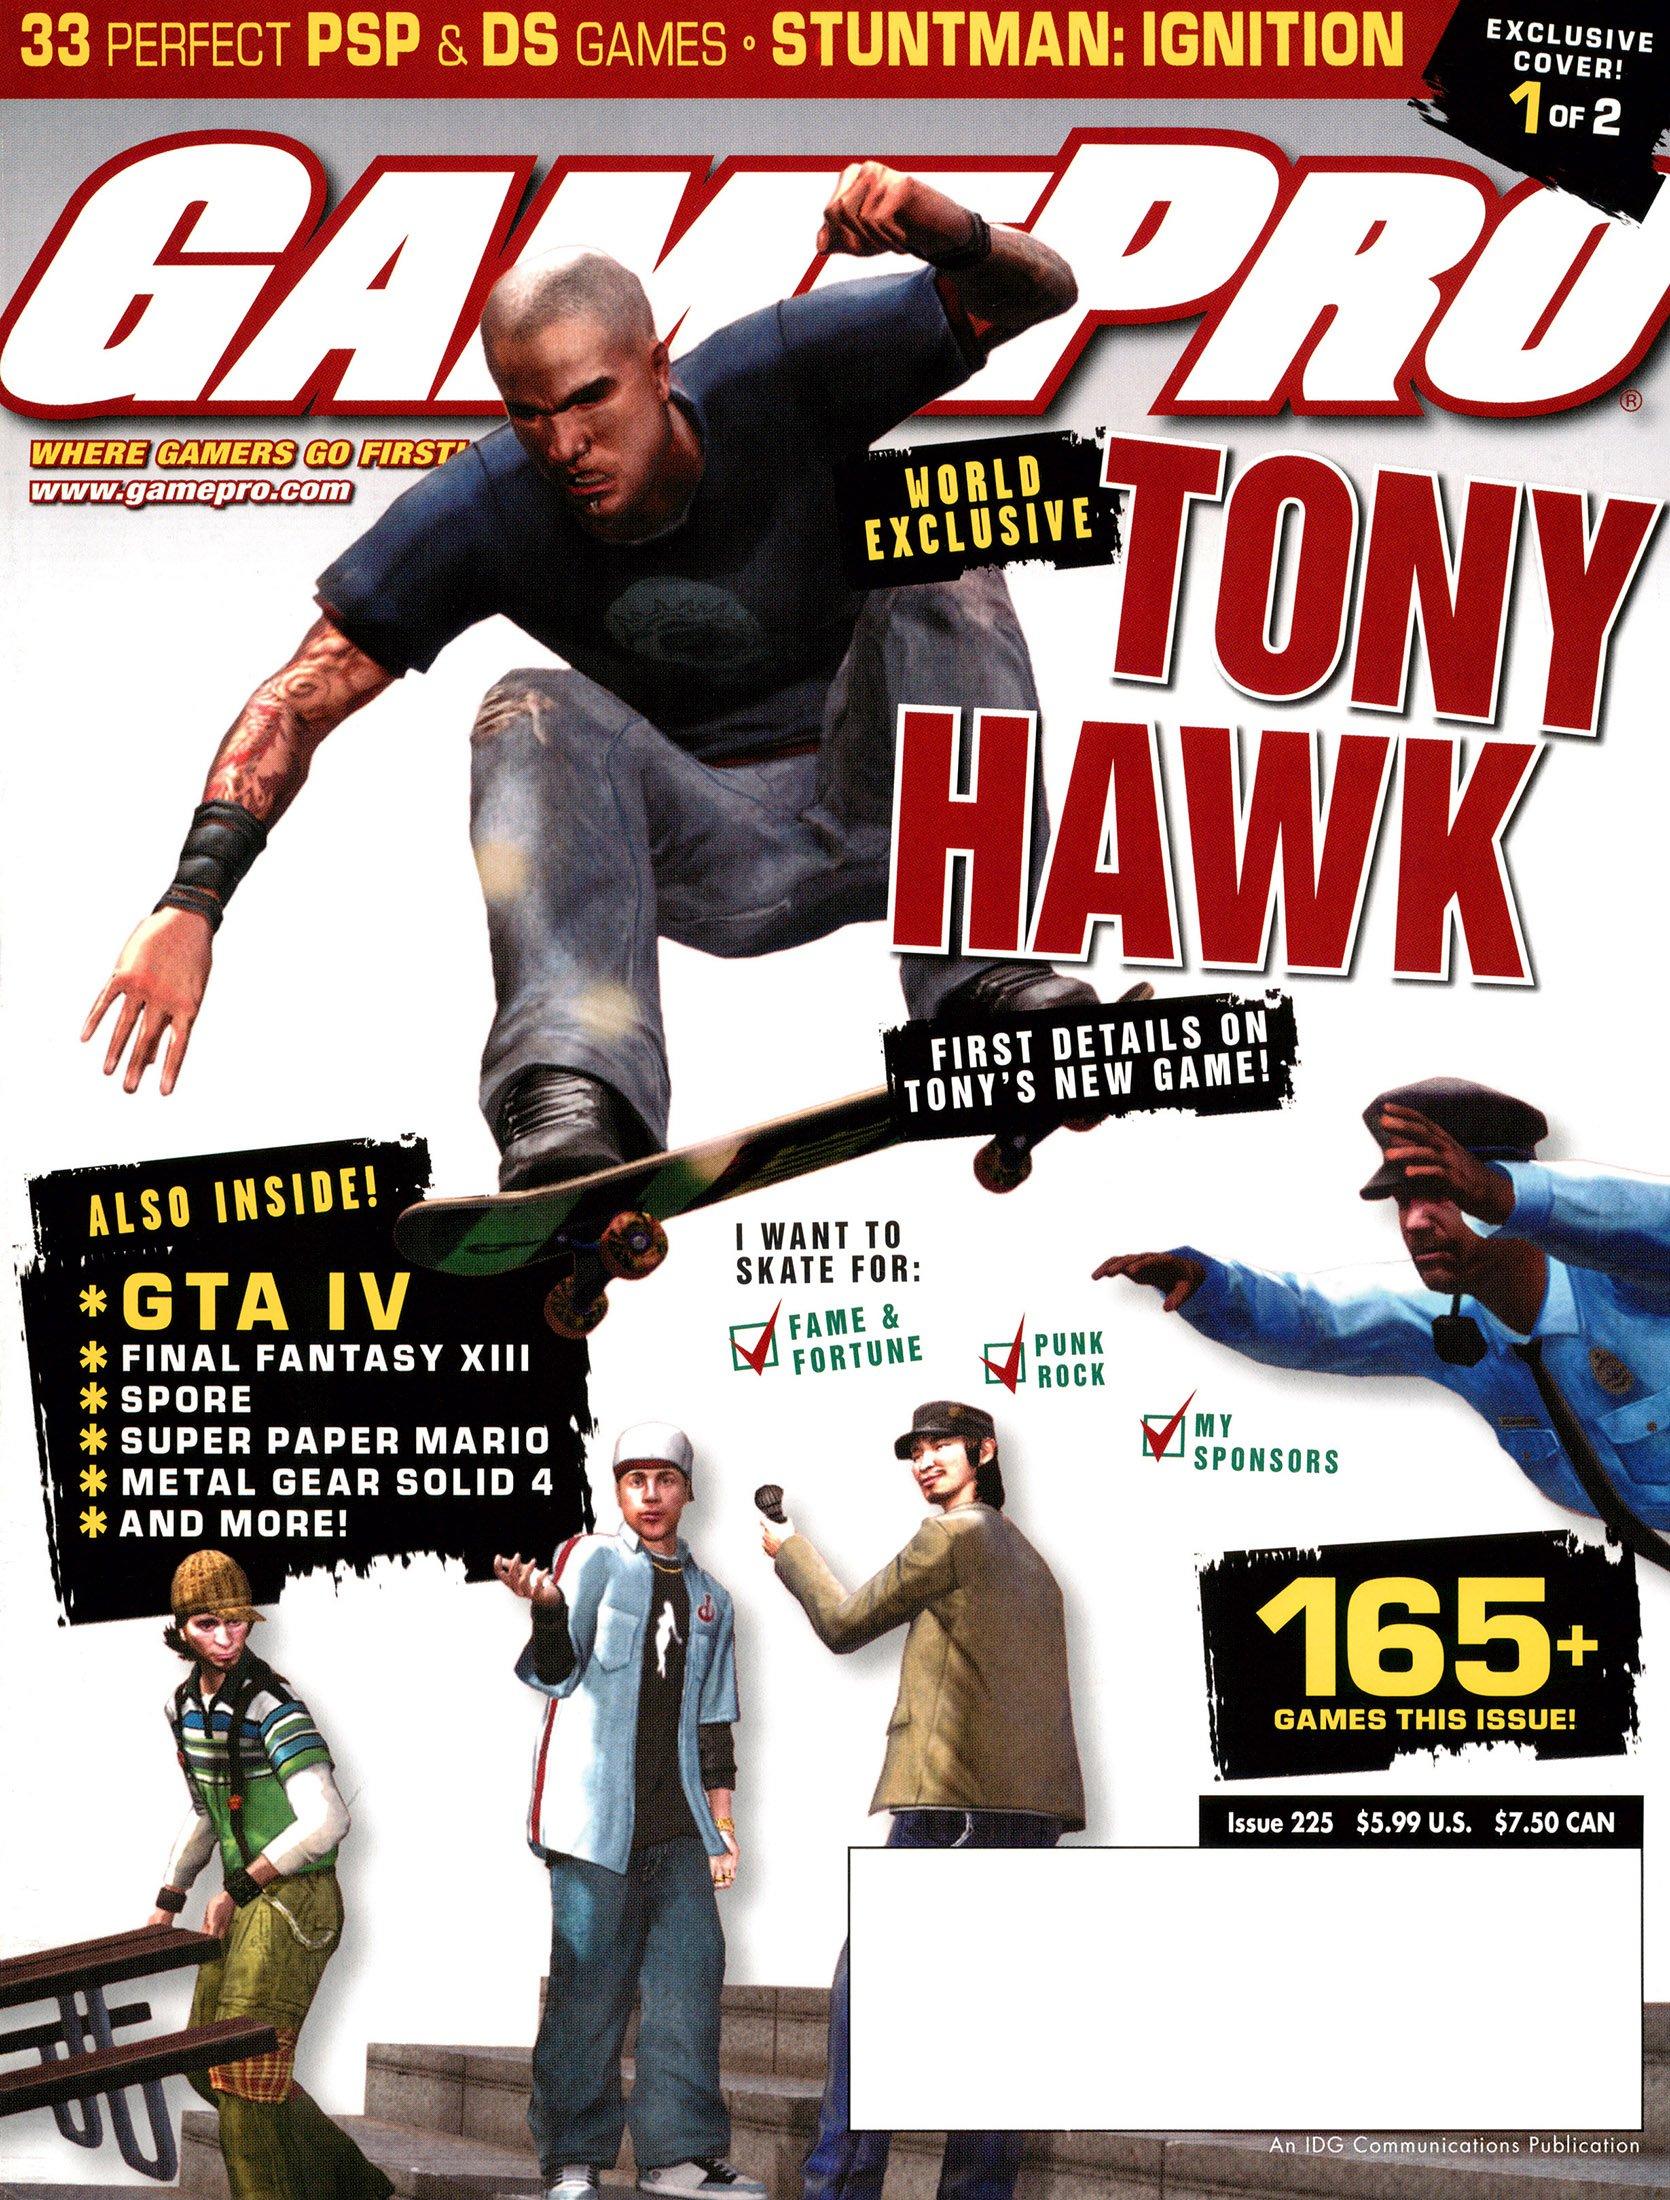 GamePro Issue 225 (June 2007)